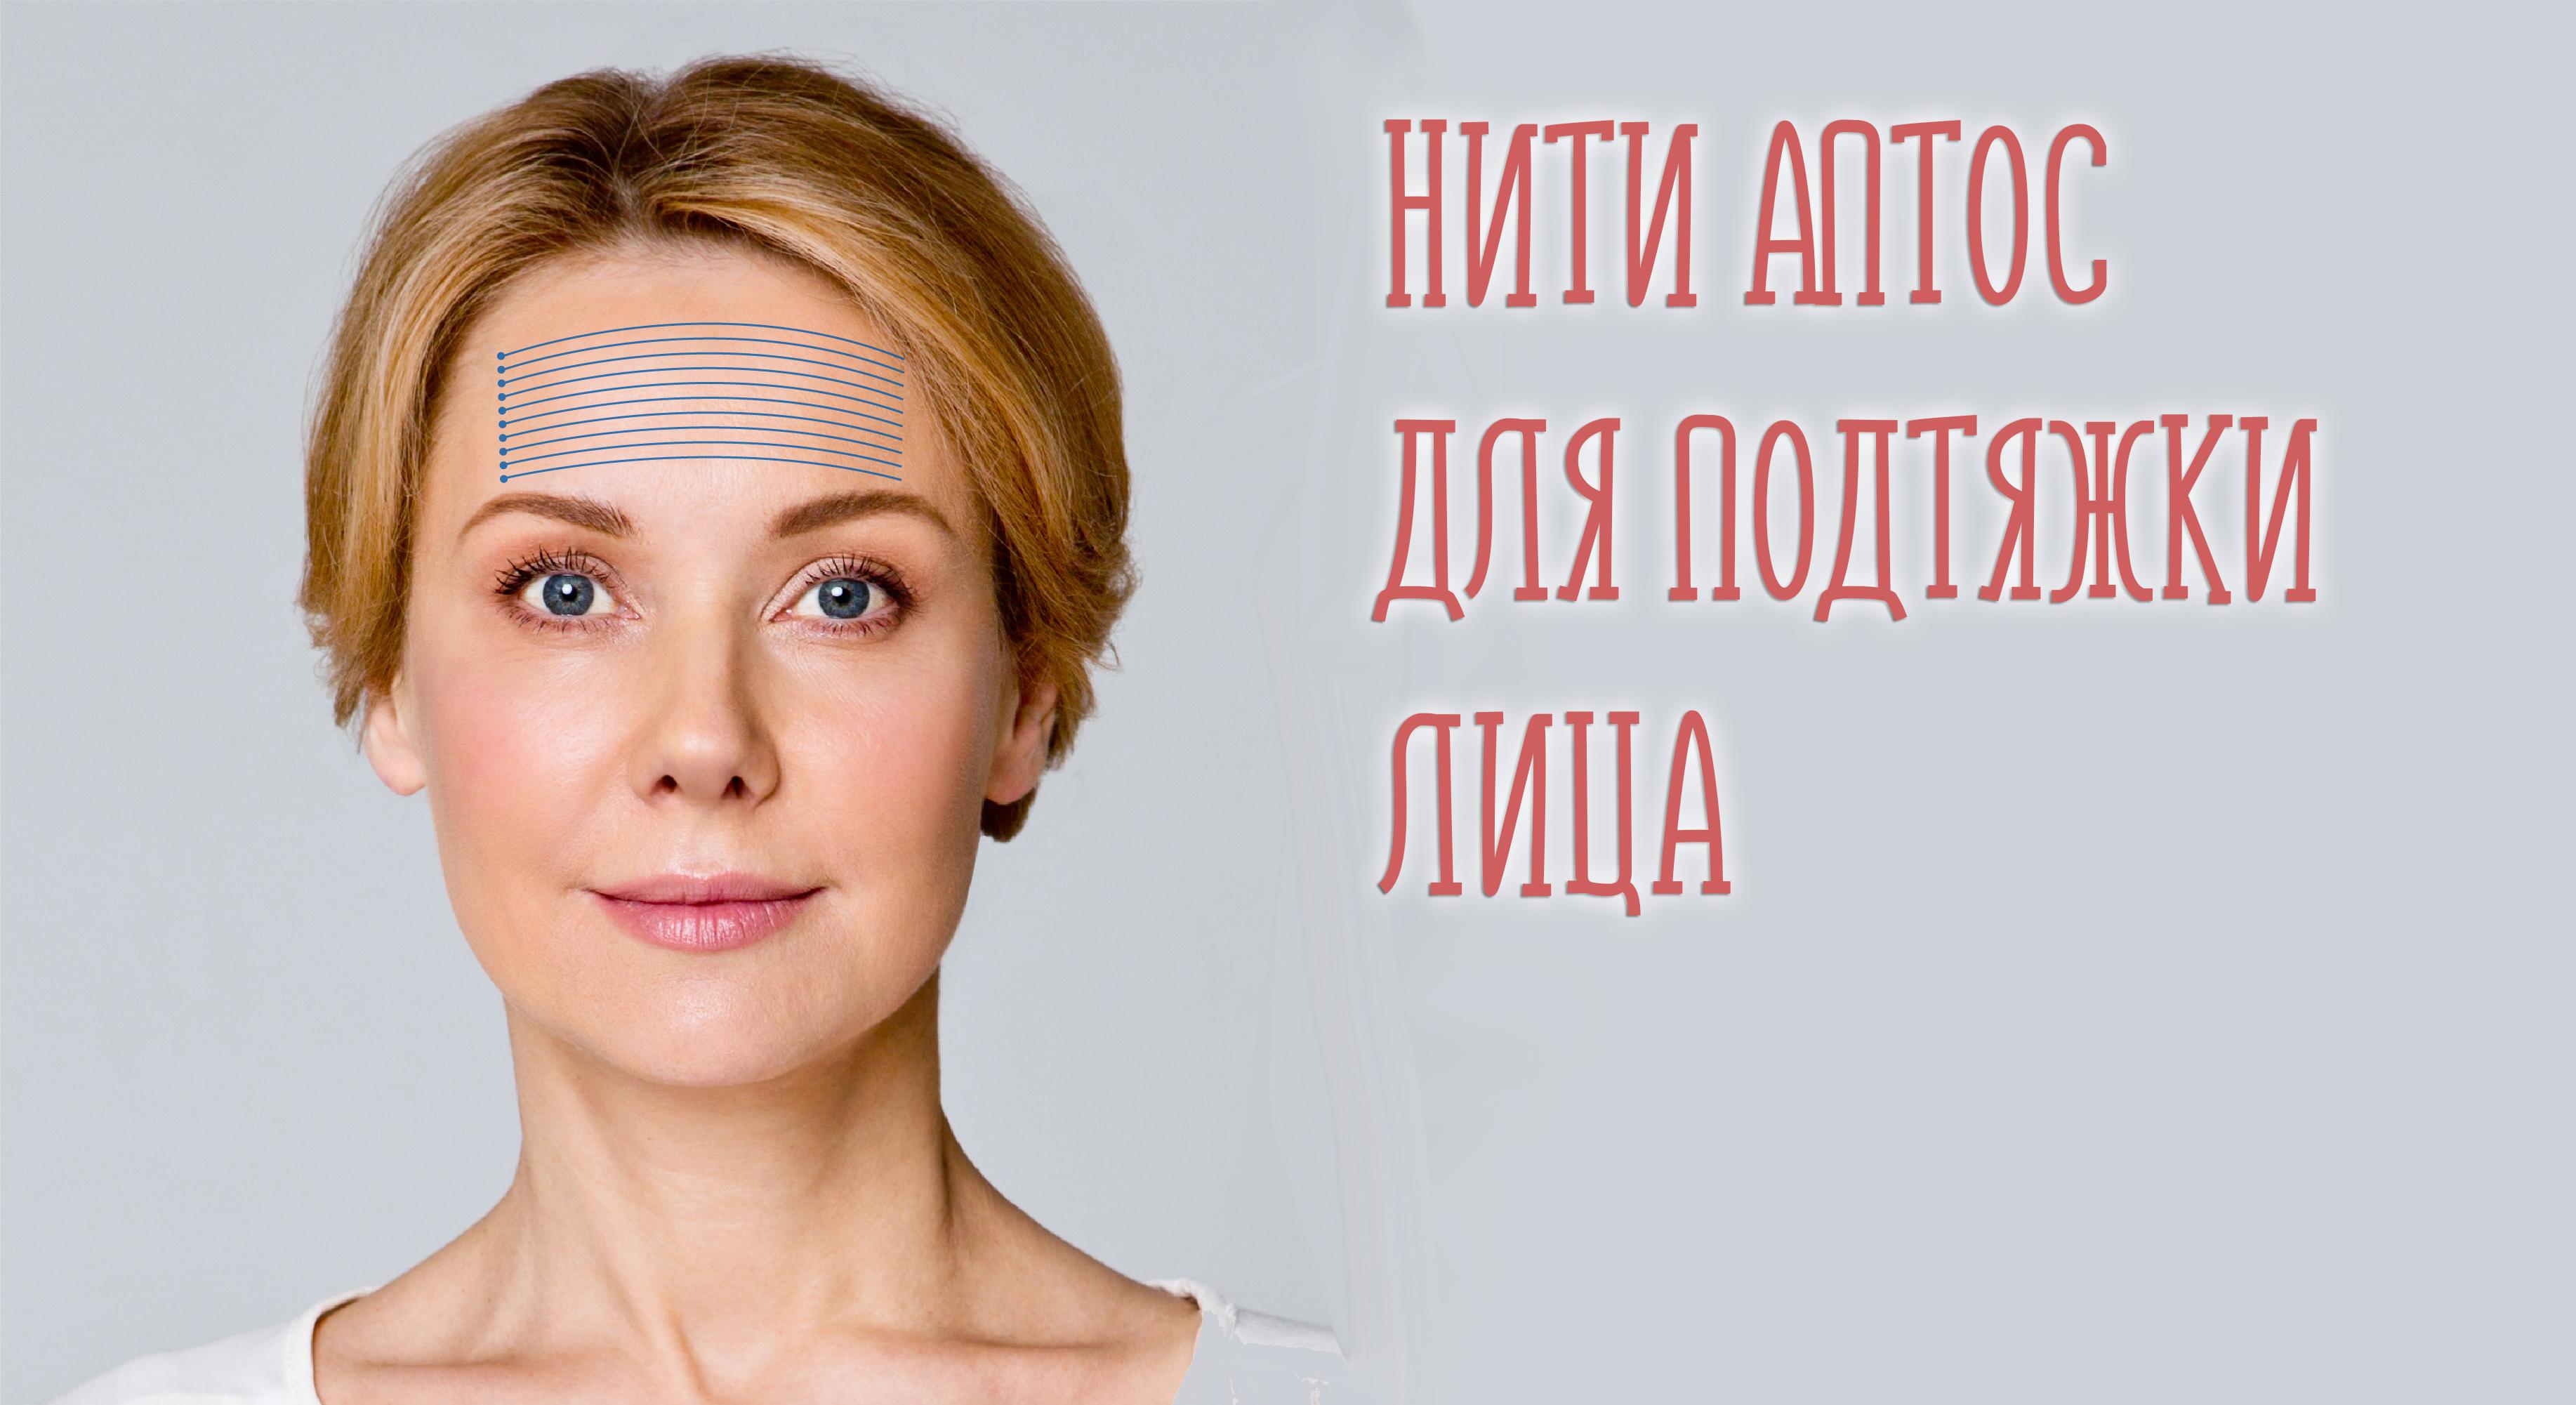 Нити Aptos и хирургическая круговая подтяжка лица. Виды, действие и отзывы